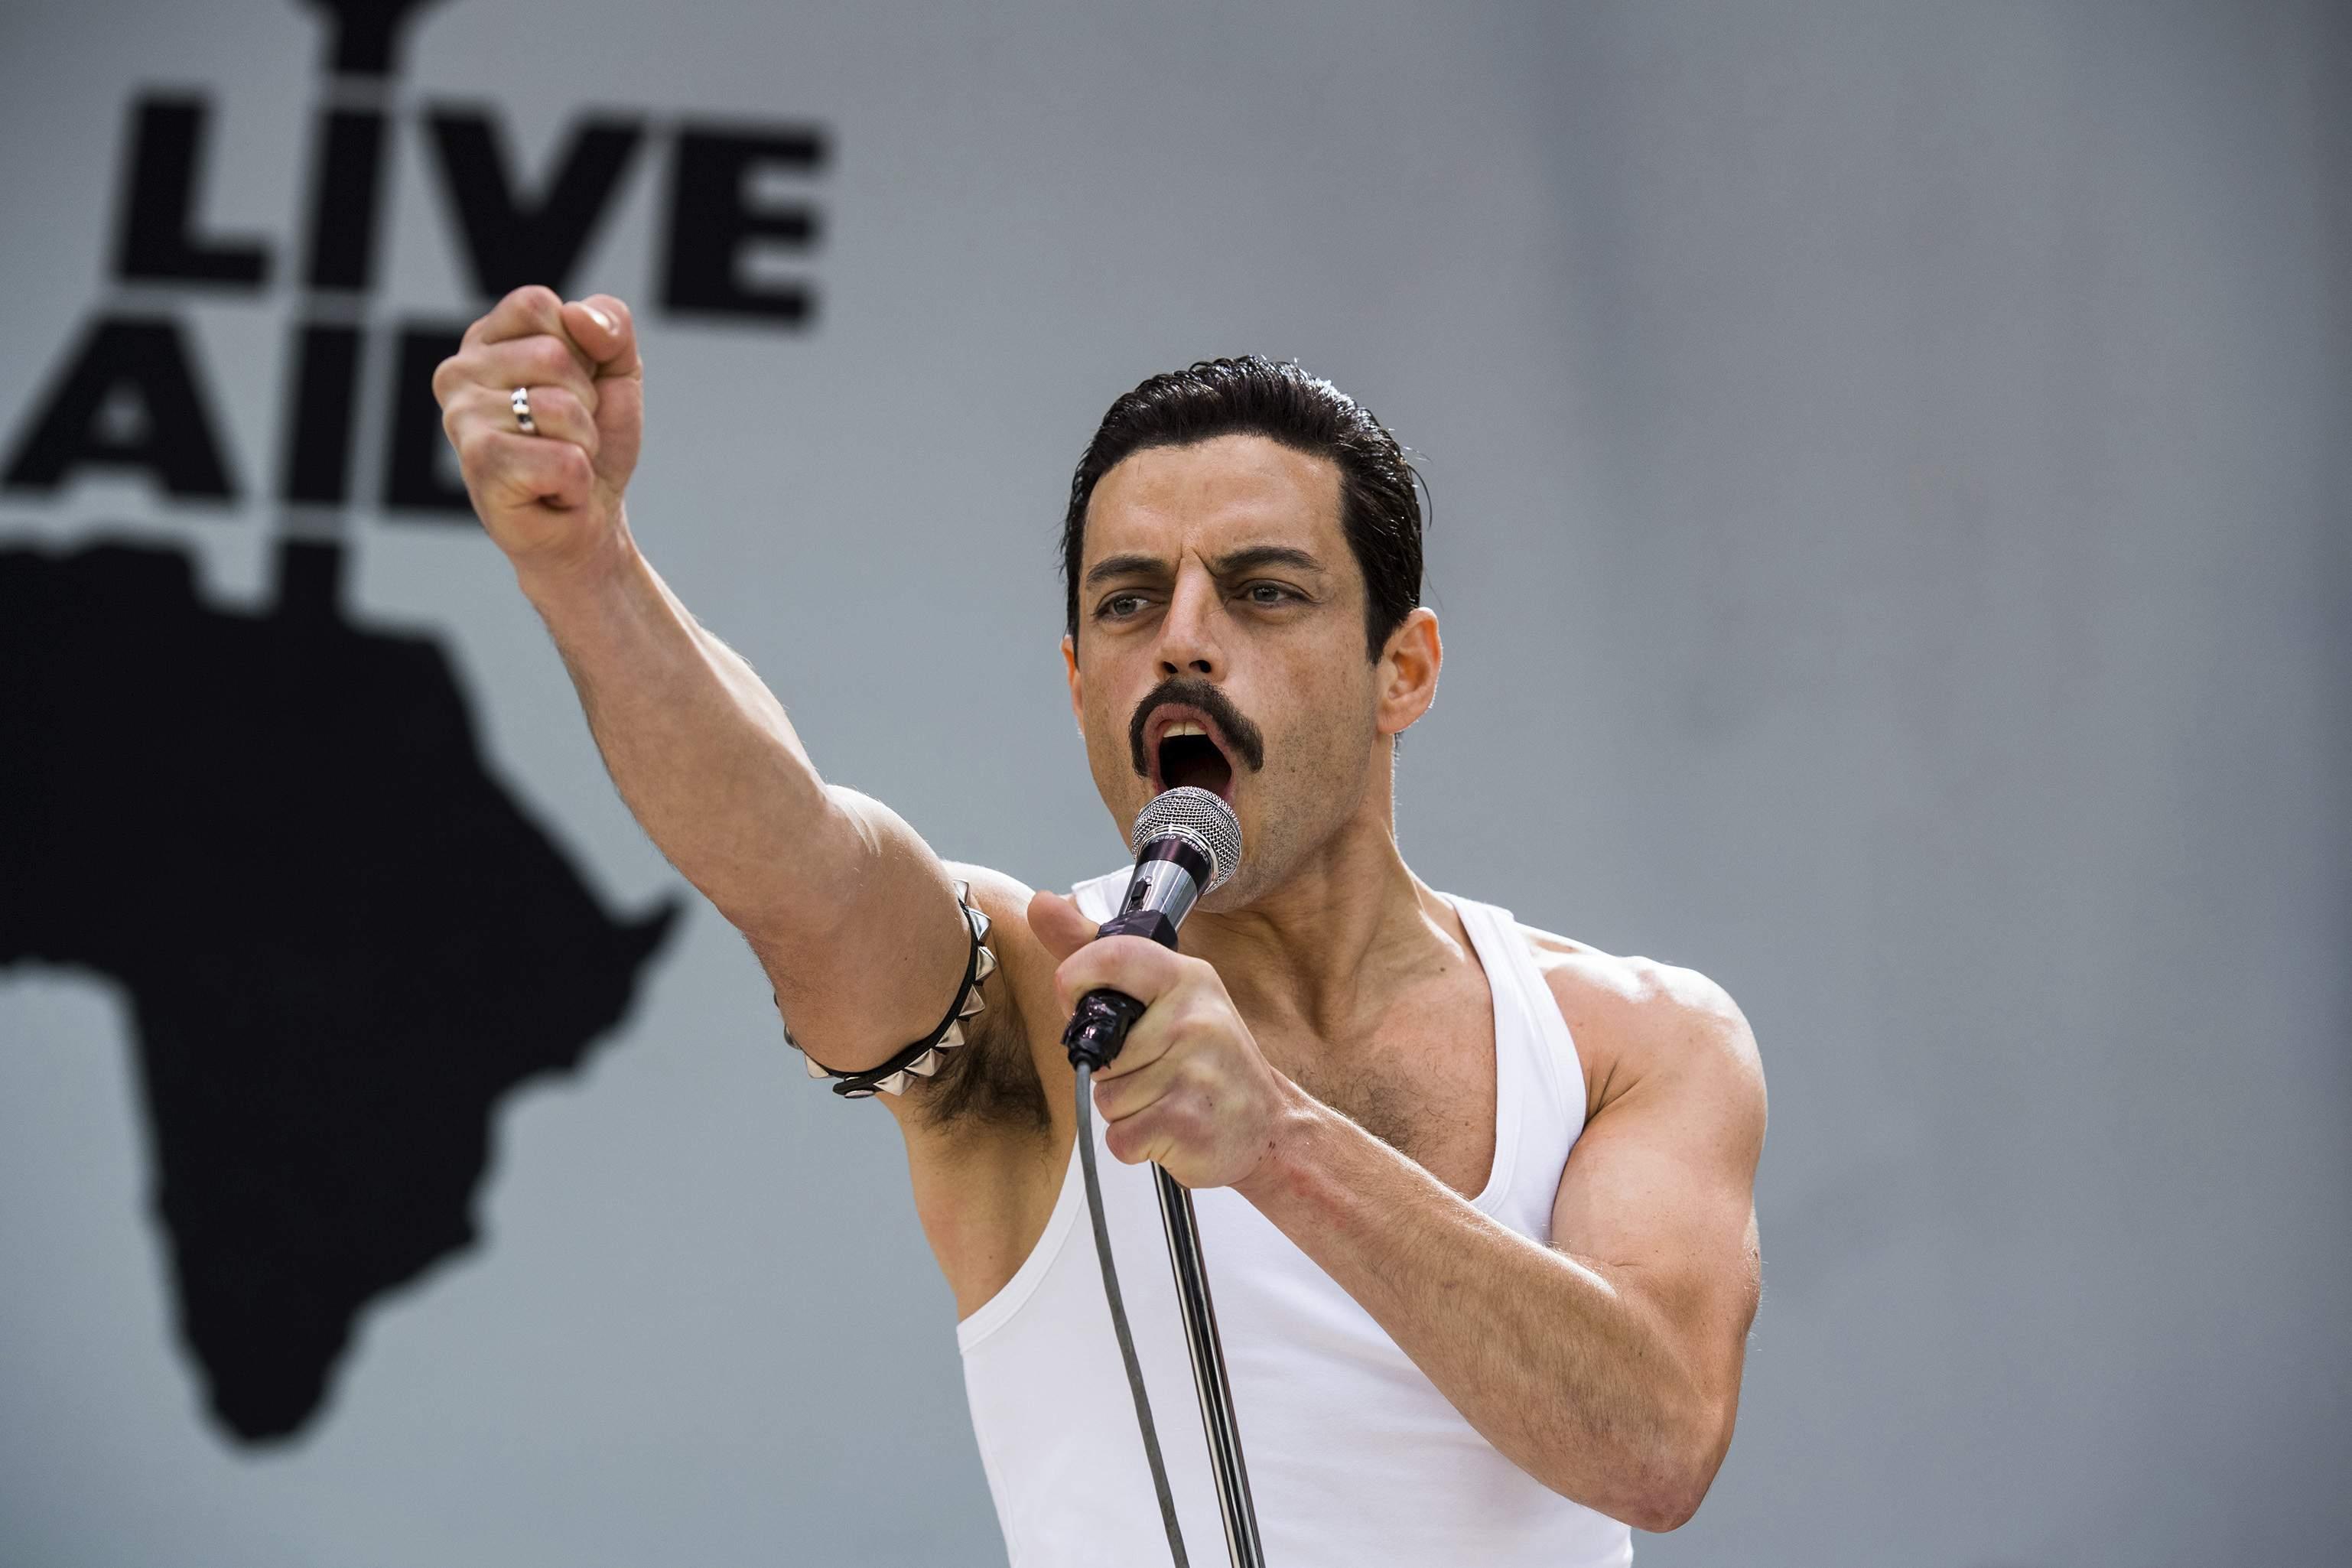 "Rami Malek rocks in ""Bohemian Rhapsody."" But will he beat Christian Bale for a Best Actor Oscar?"